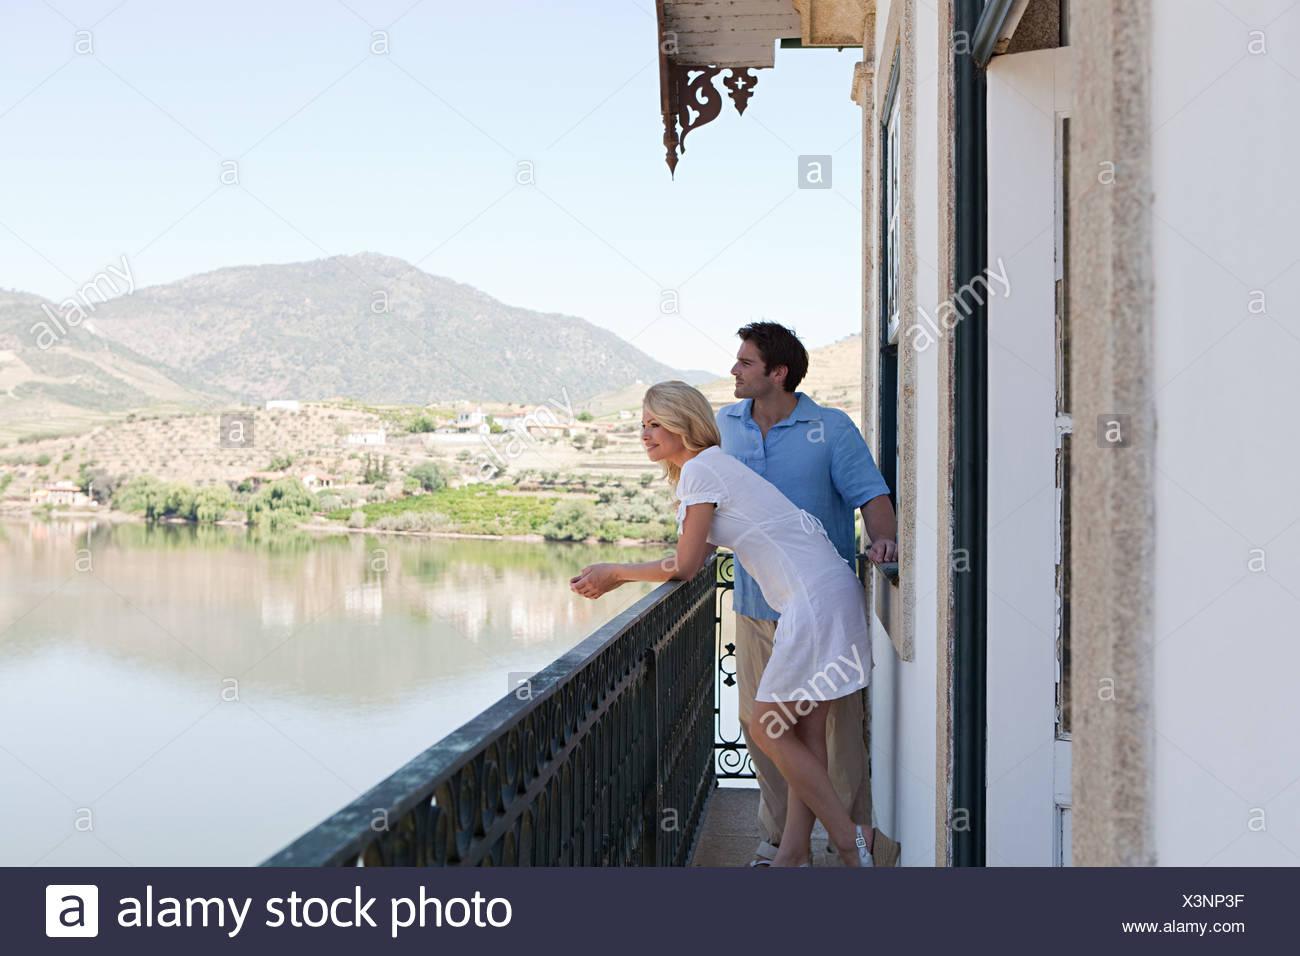 Couple on balcony overlooking douro river - Stock Image